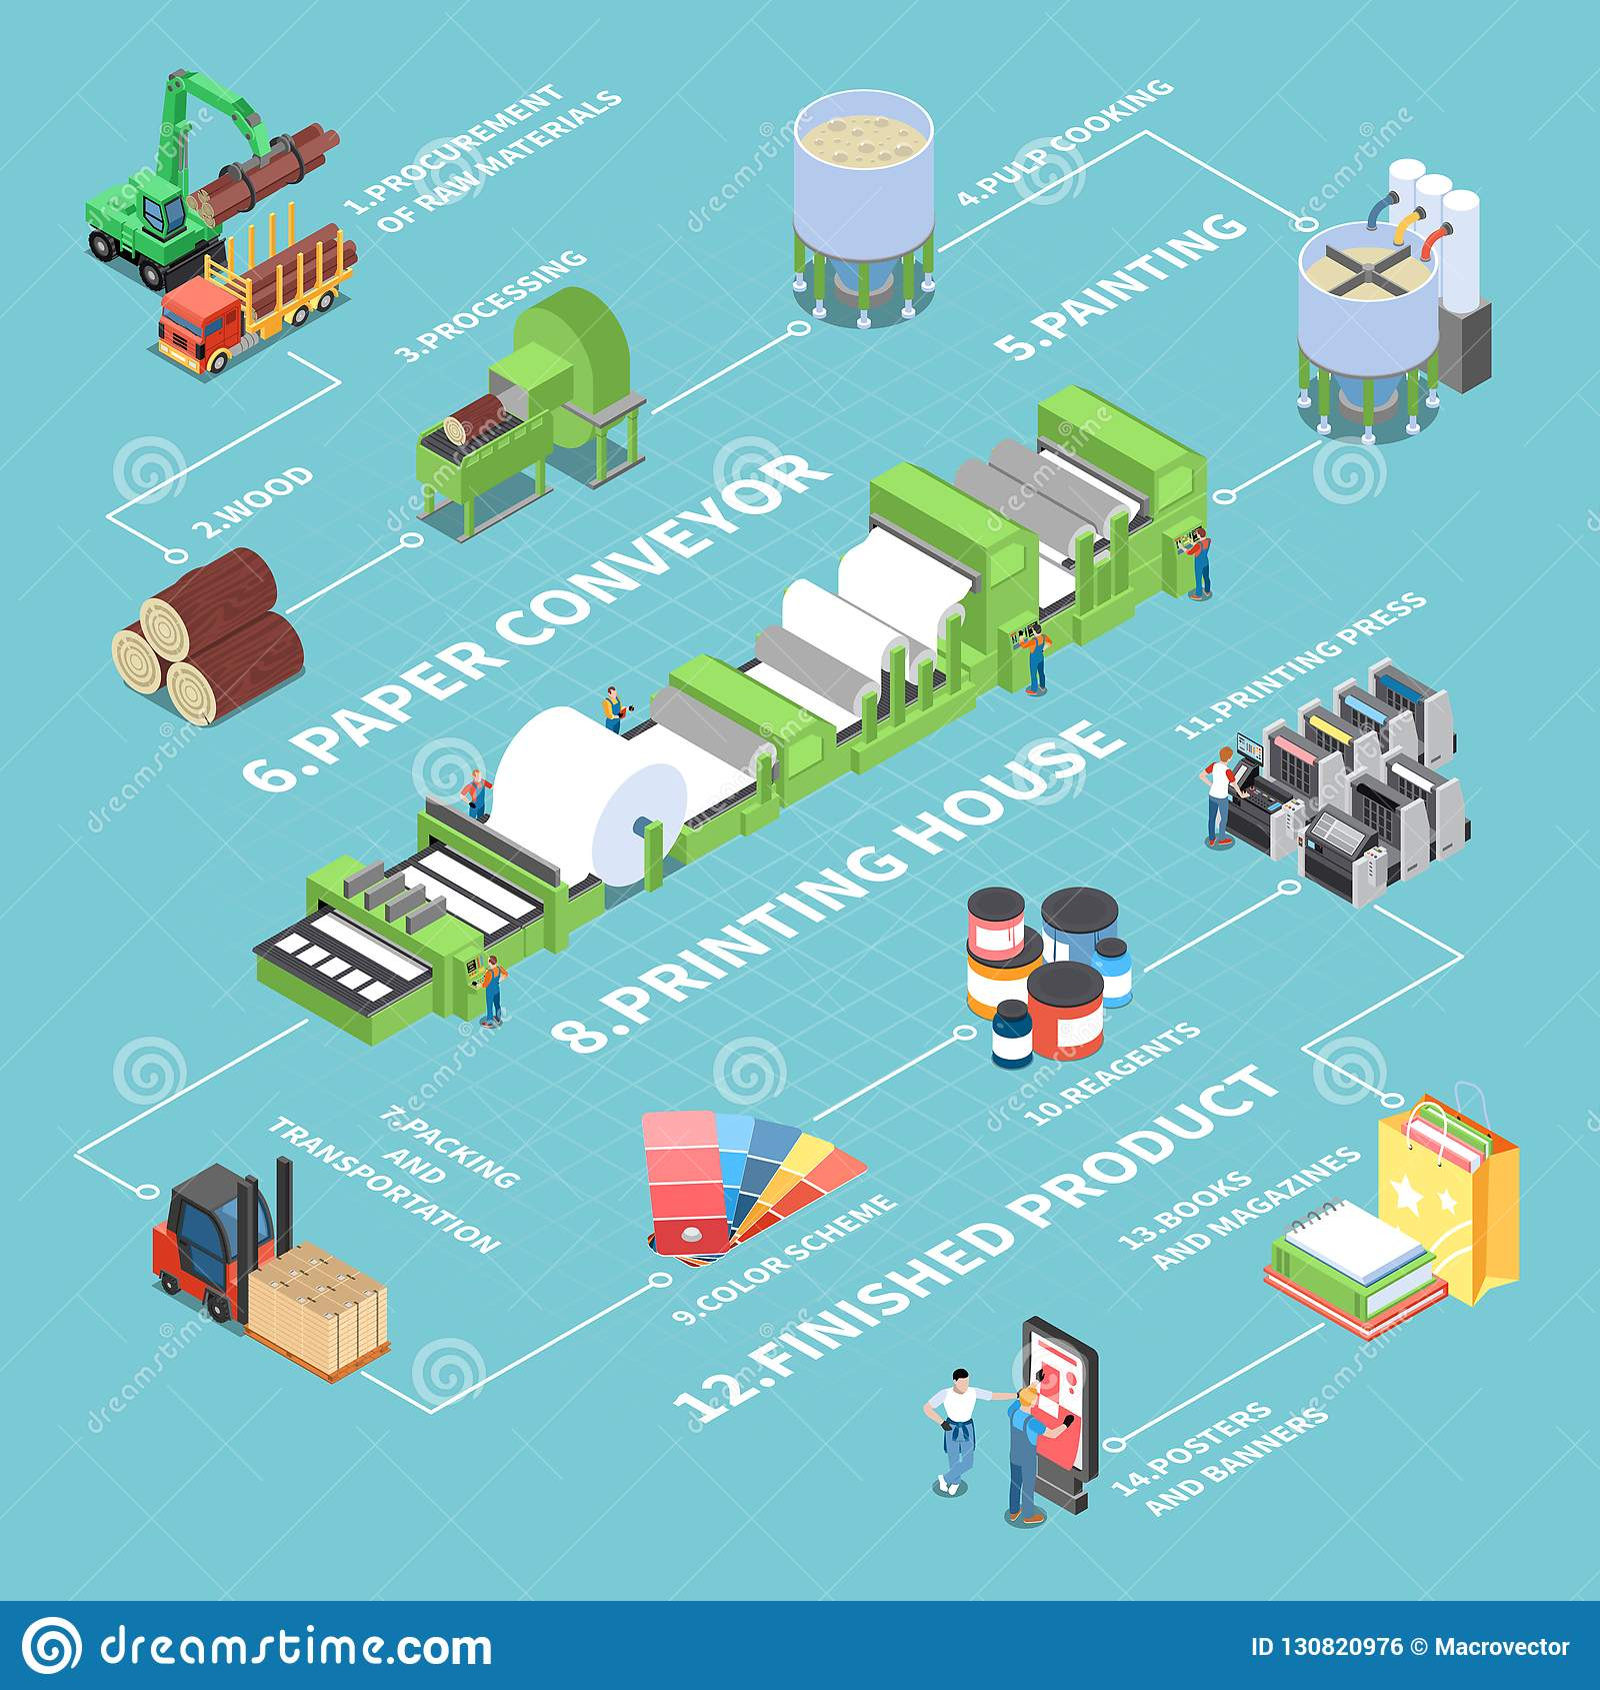 Paper Production Flowchart